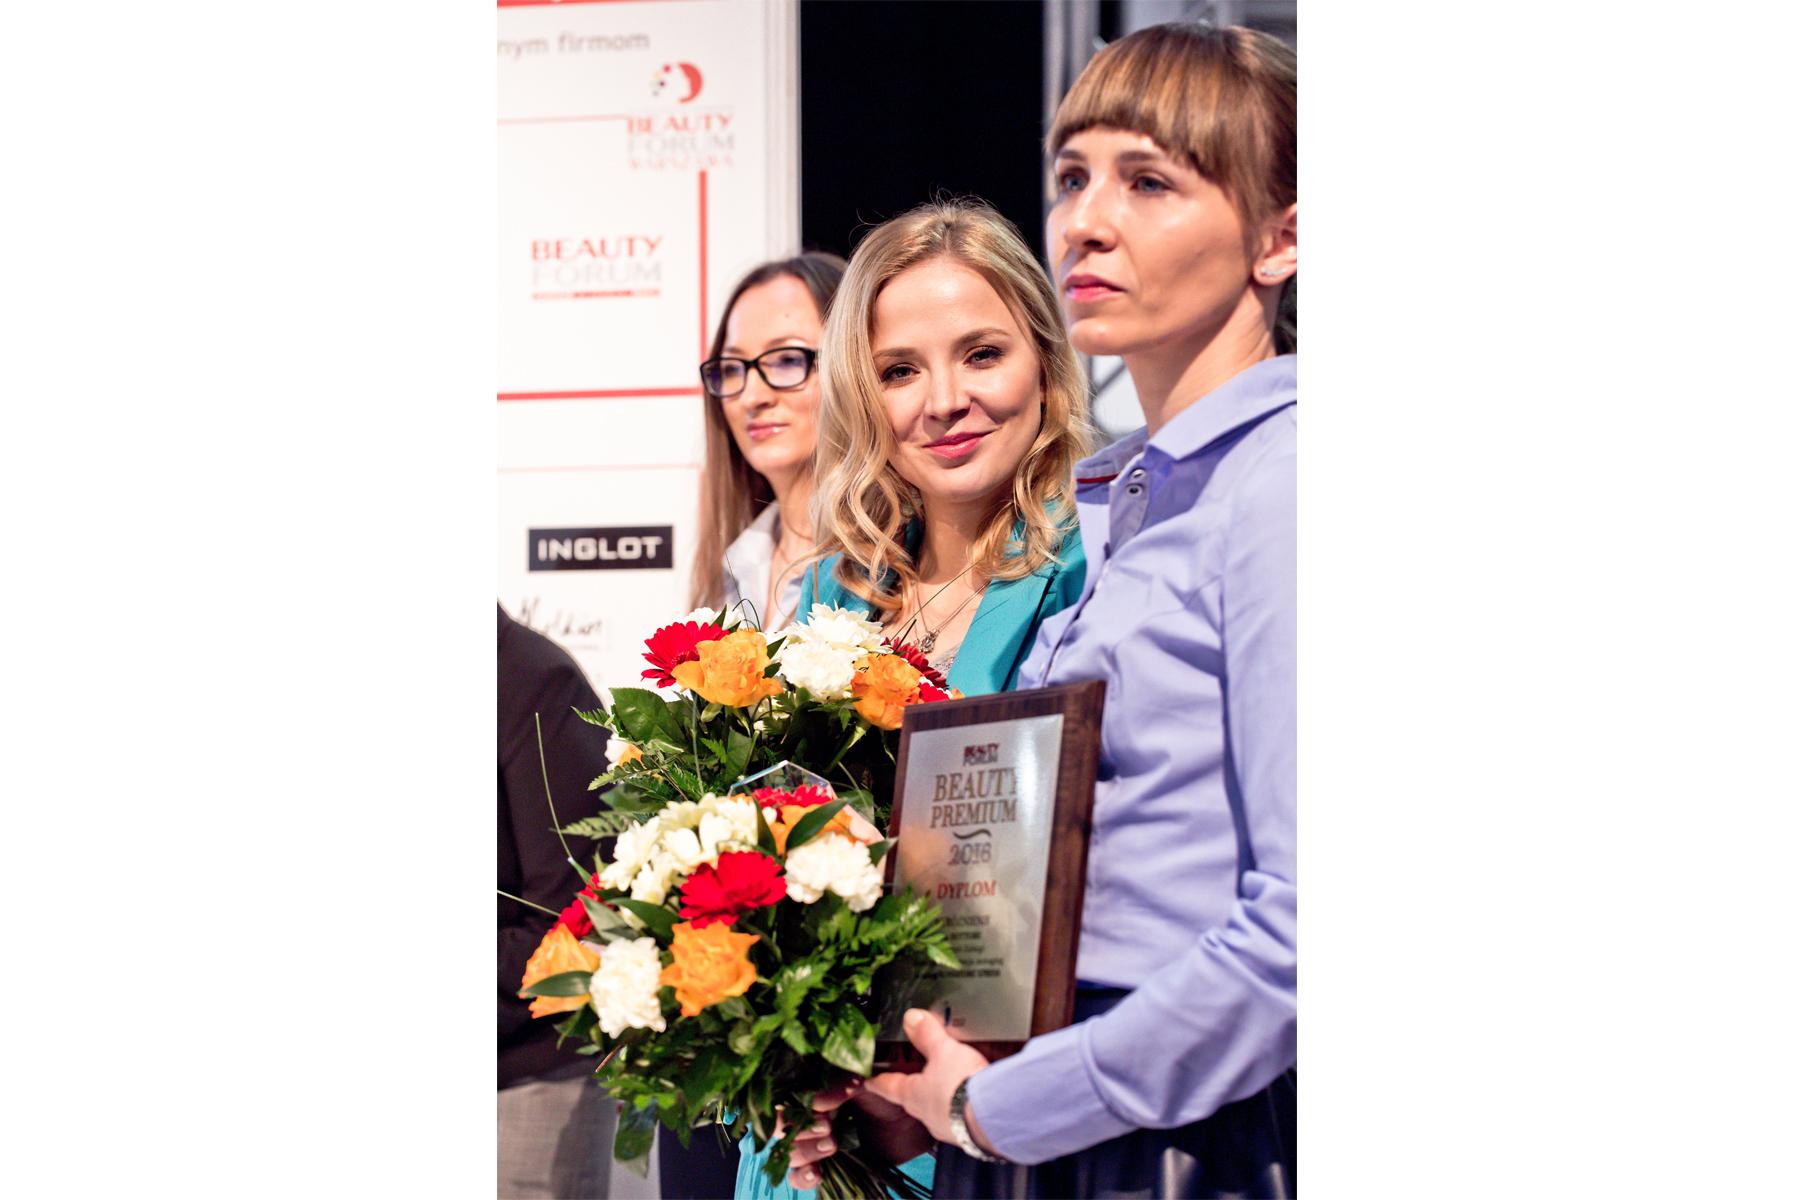 fotoreportaż_z_targów_i_eventów_-_branża_kosmetyczna_003